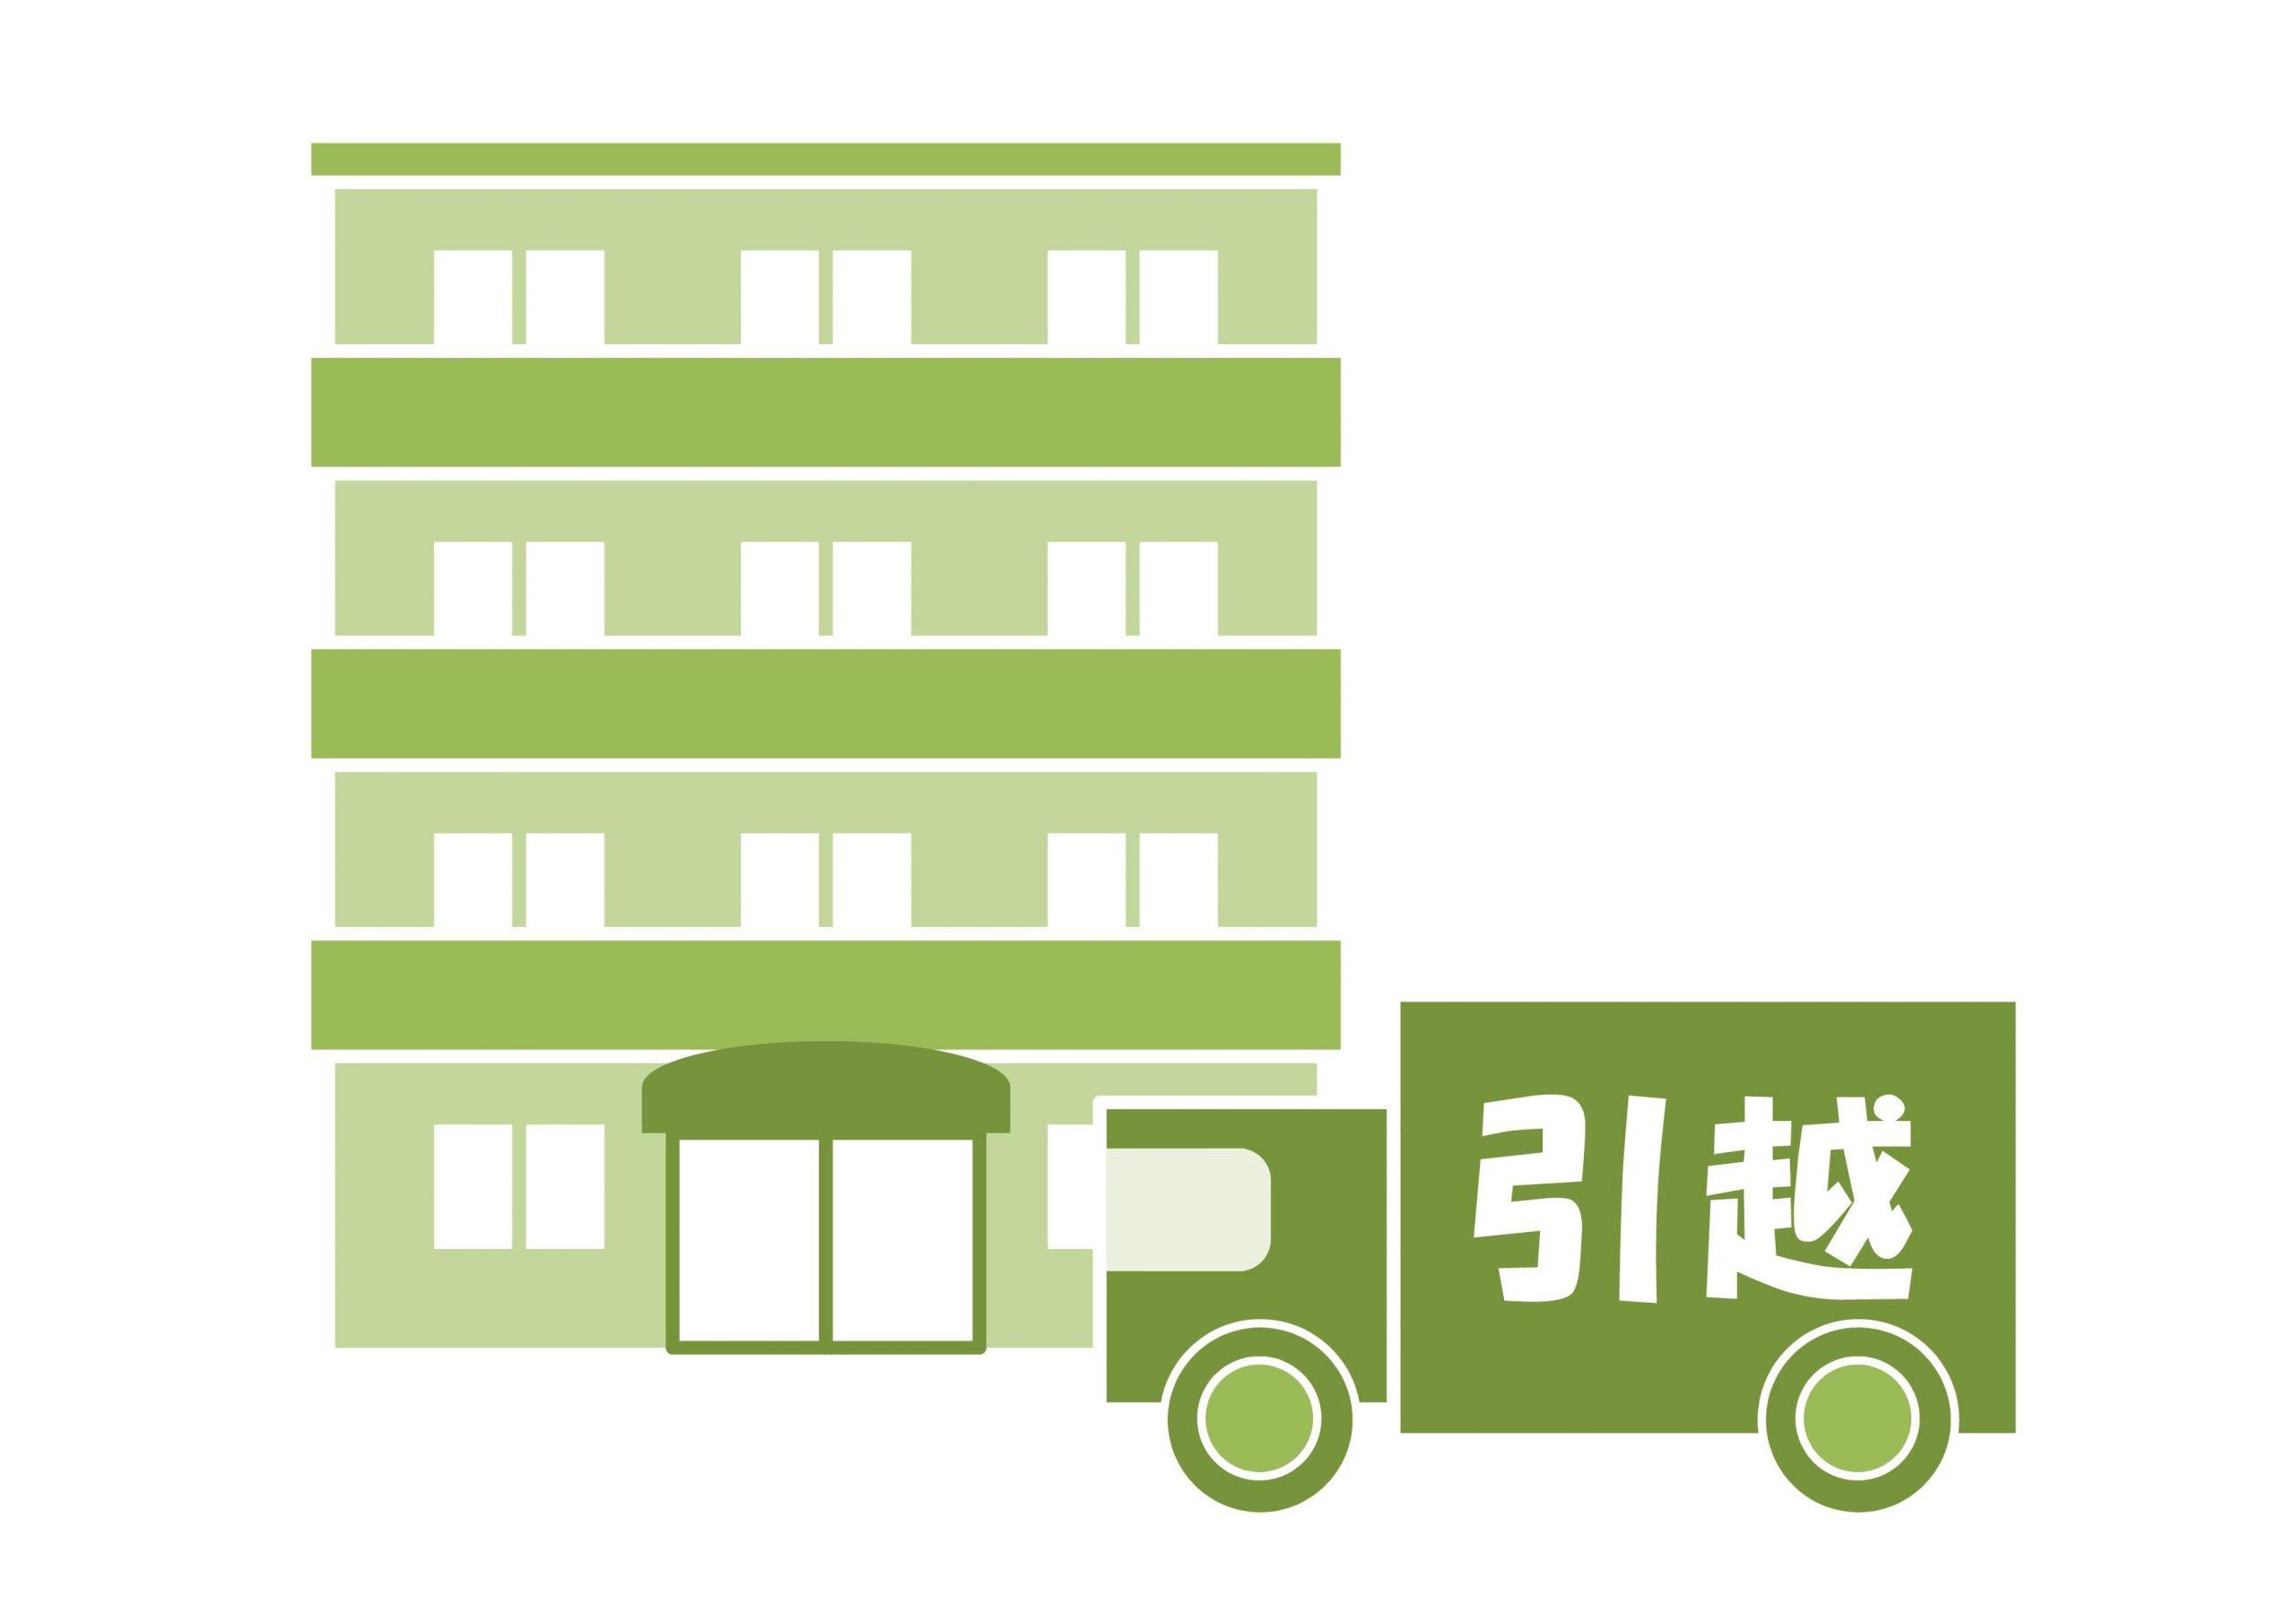 東京都港区、品川区、賃貸アパート、賃貸マンション探し